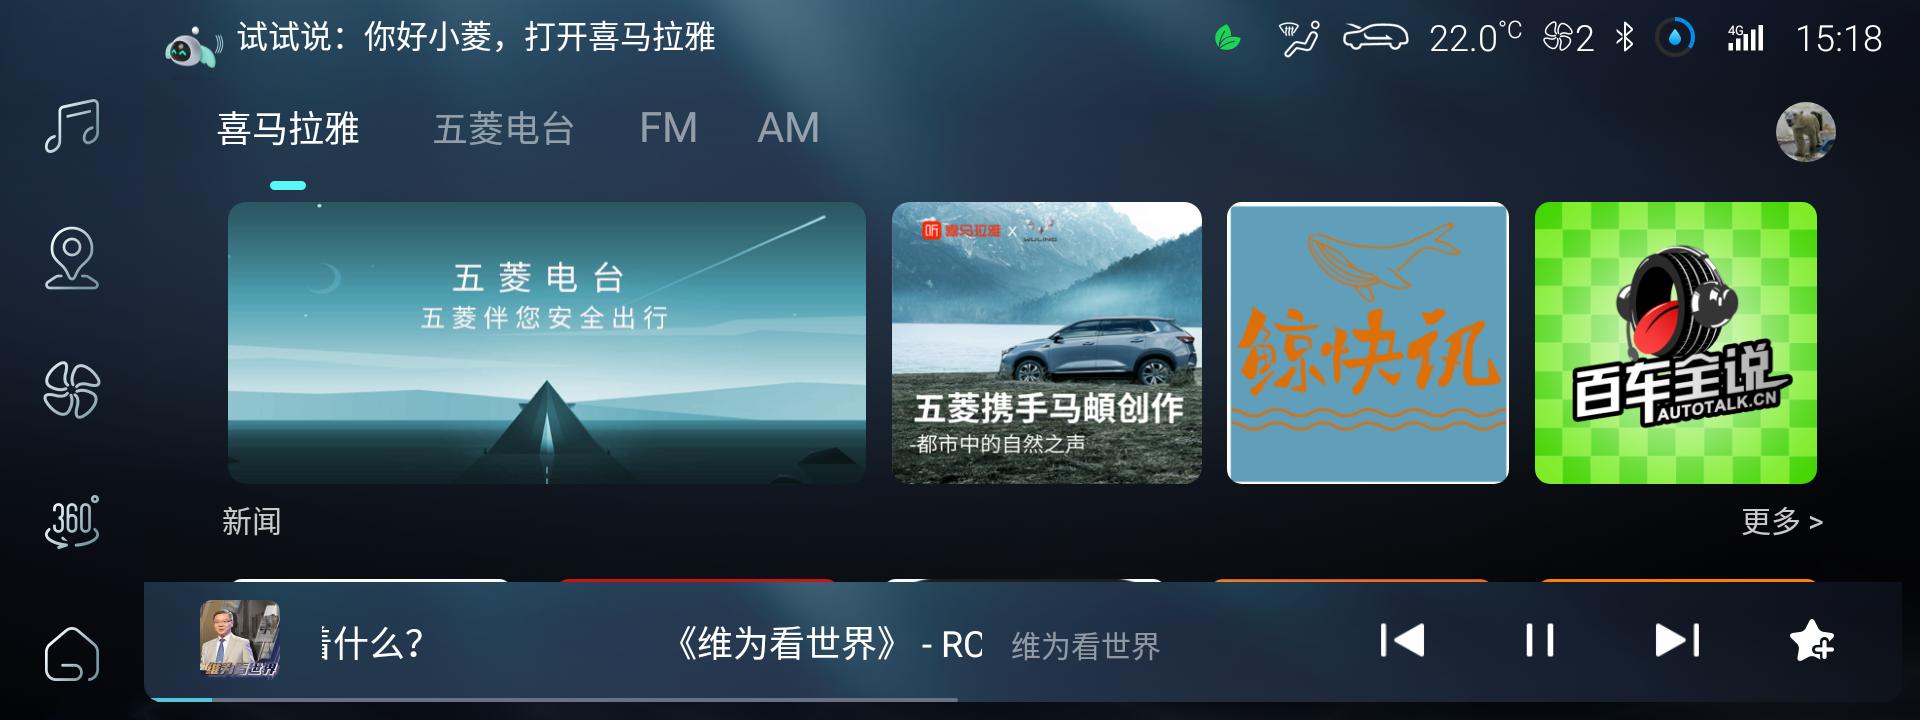 喜马拉雅上线五菱专属电台 联合马頔推出五菱星辰主题曲